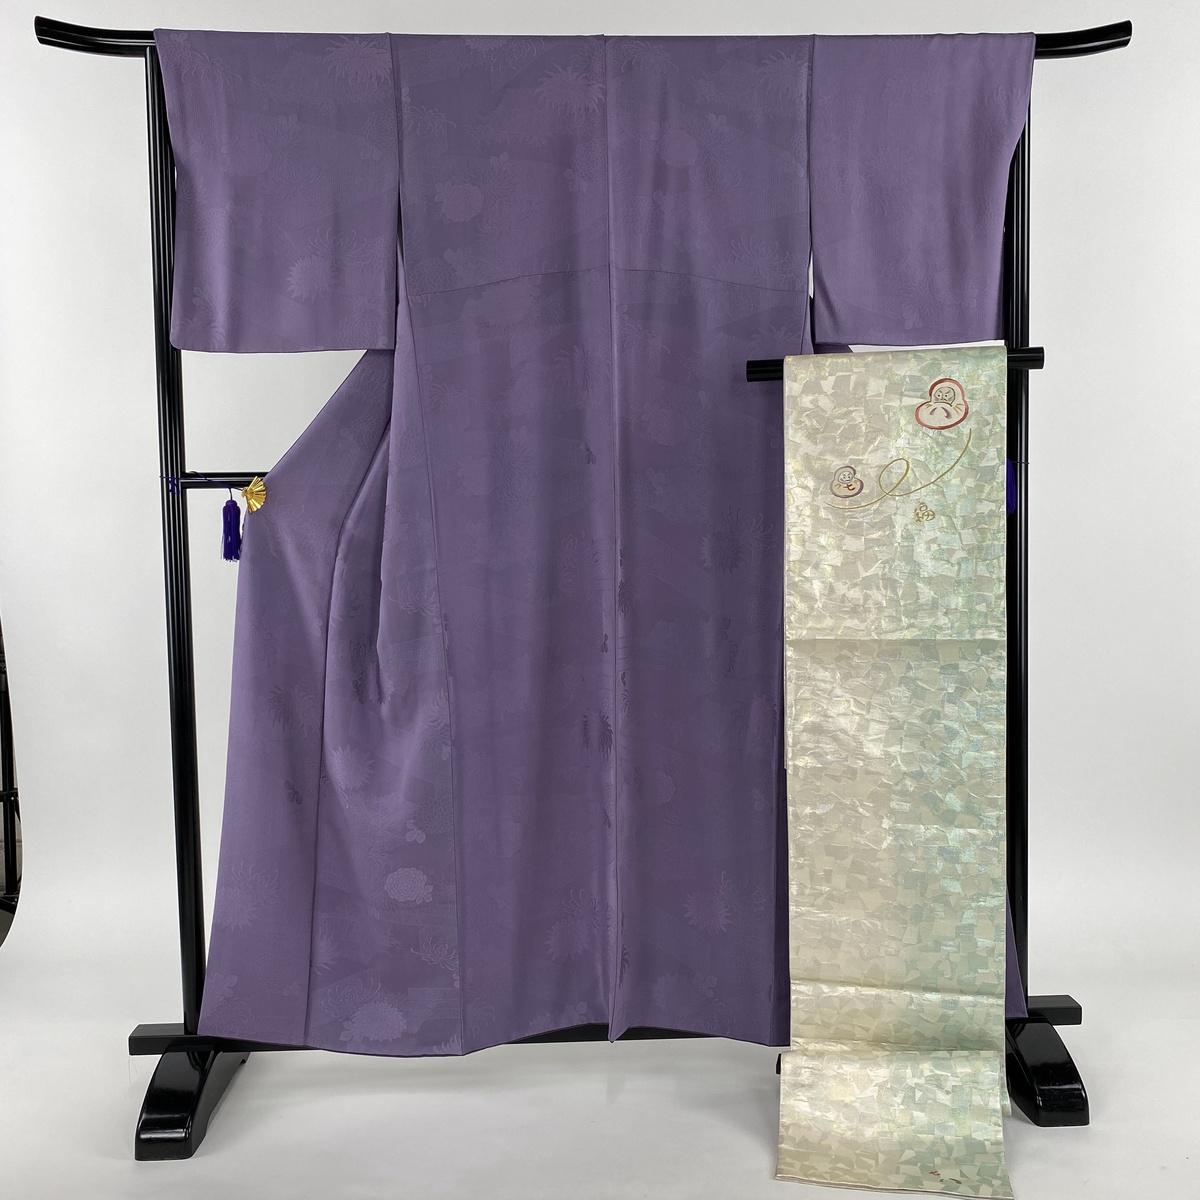 色無地 美品 秀品 袋帯セット 地紋 紫 袷 身丈157.5cm 裄丈66.5cm M 正絹 【中古】